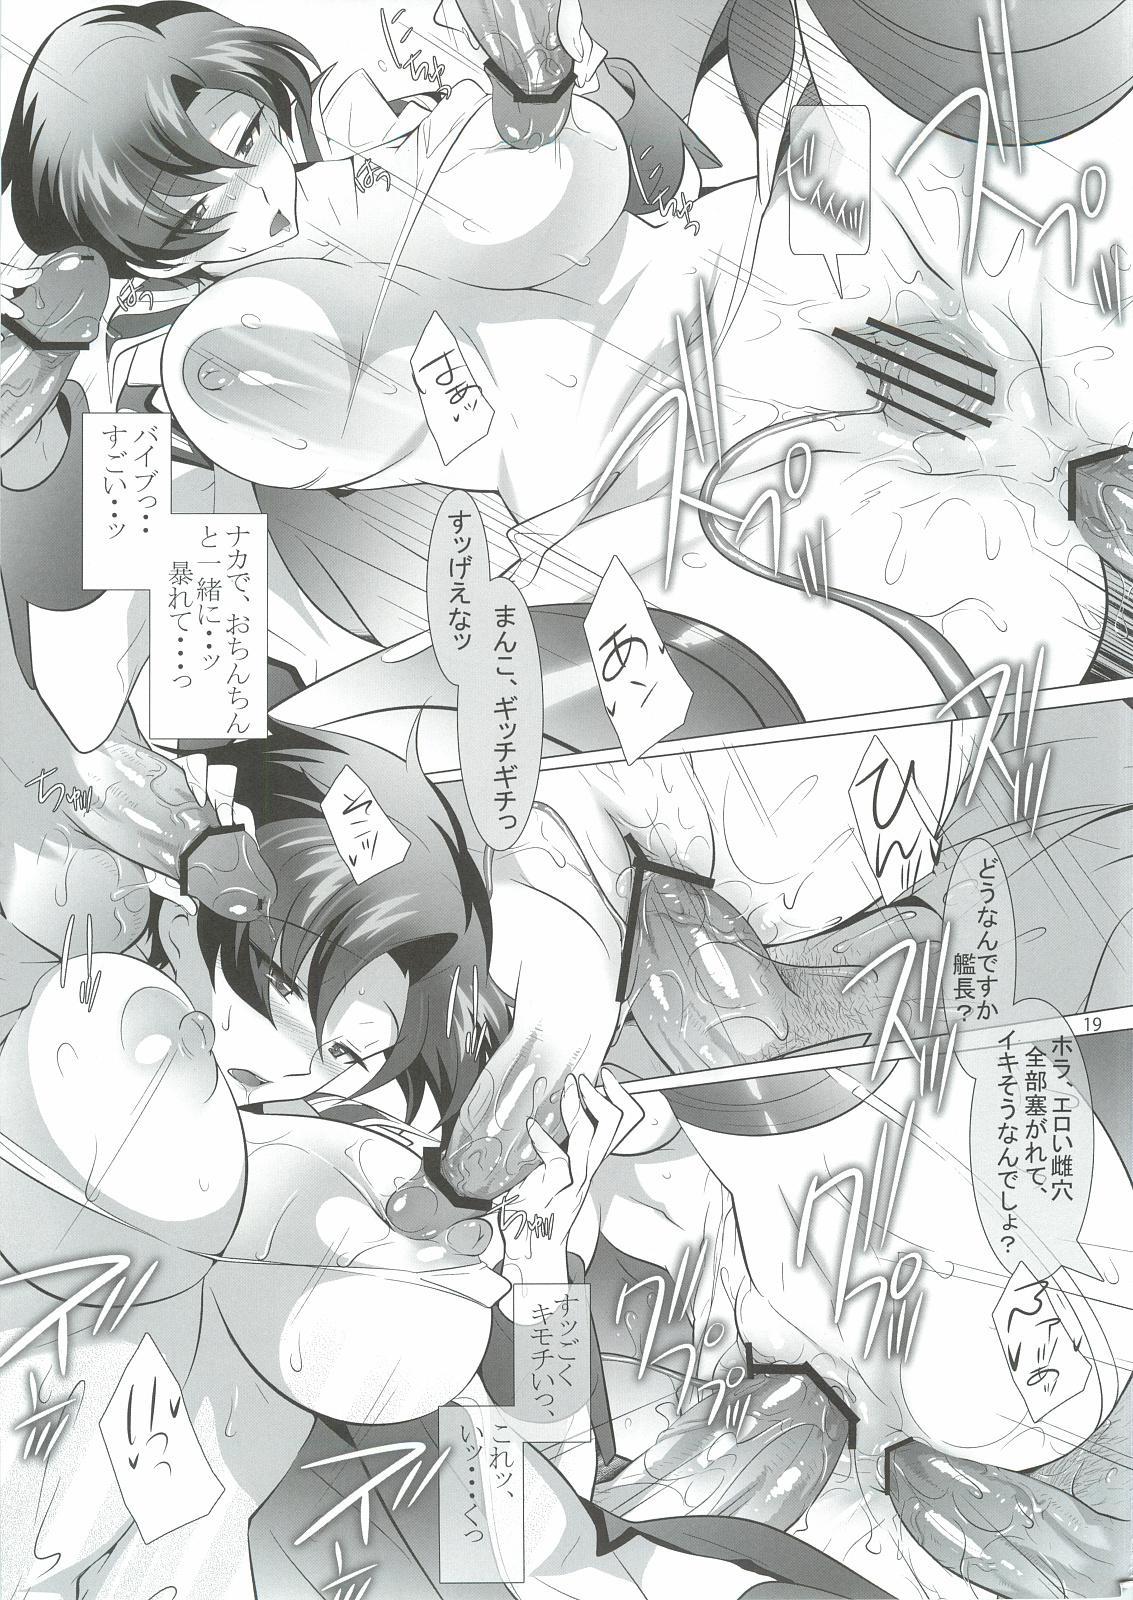 Katabutsu Kanchou Rouraku 17